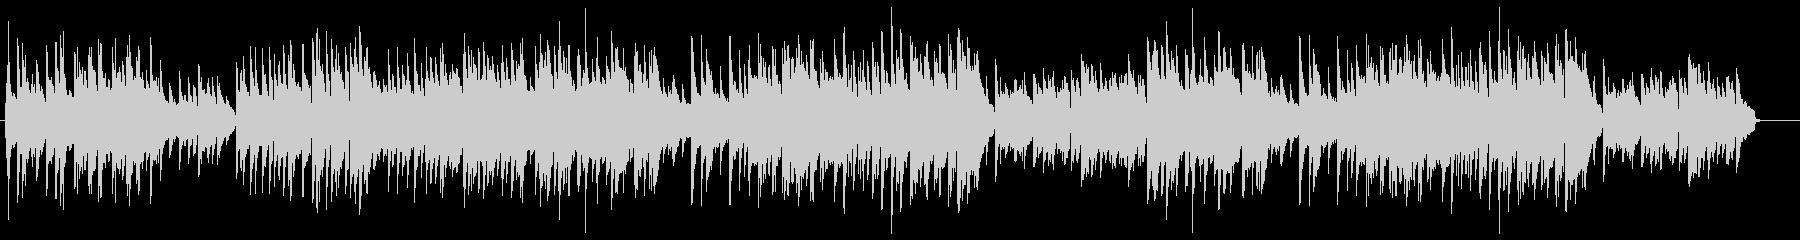 優しいメロディアスなピアノバラードの未再生の波形